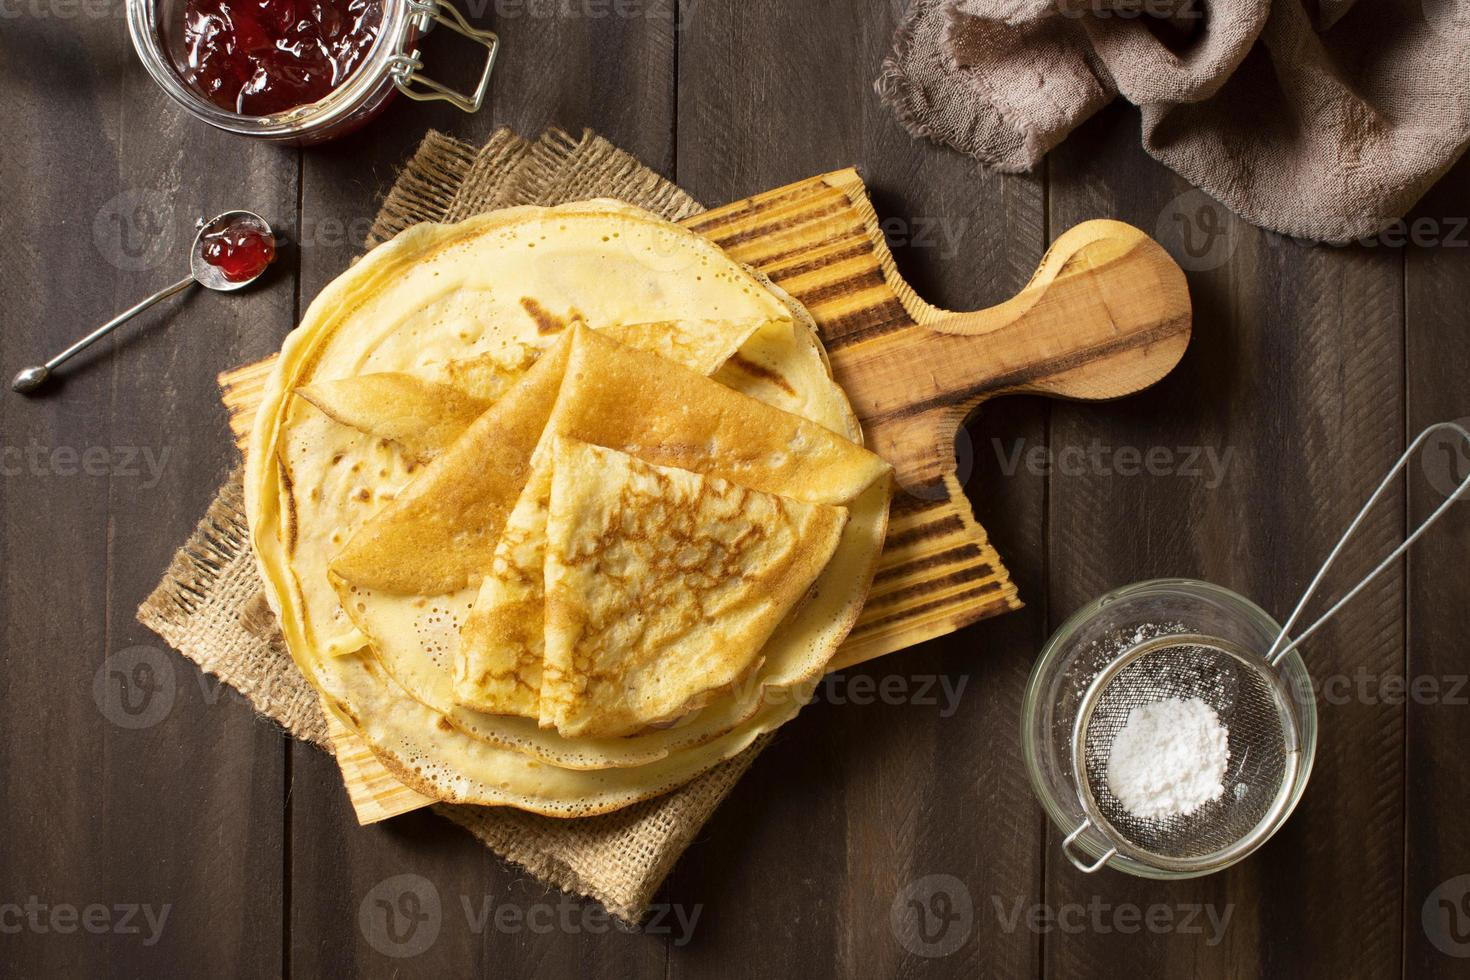 delizioso dessert crepe invernale con marmellata e zucchero foto